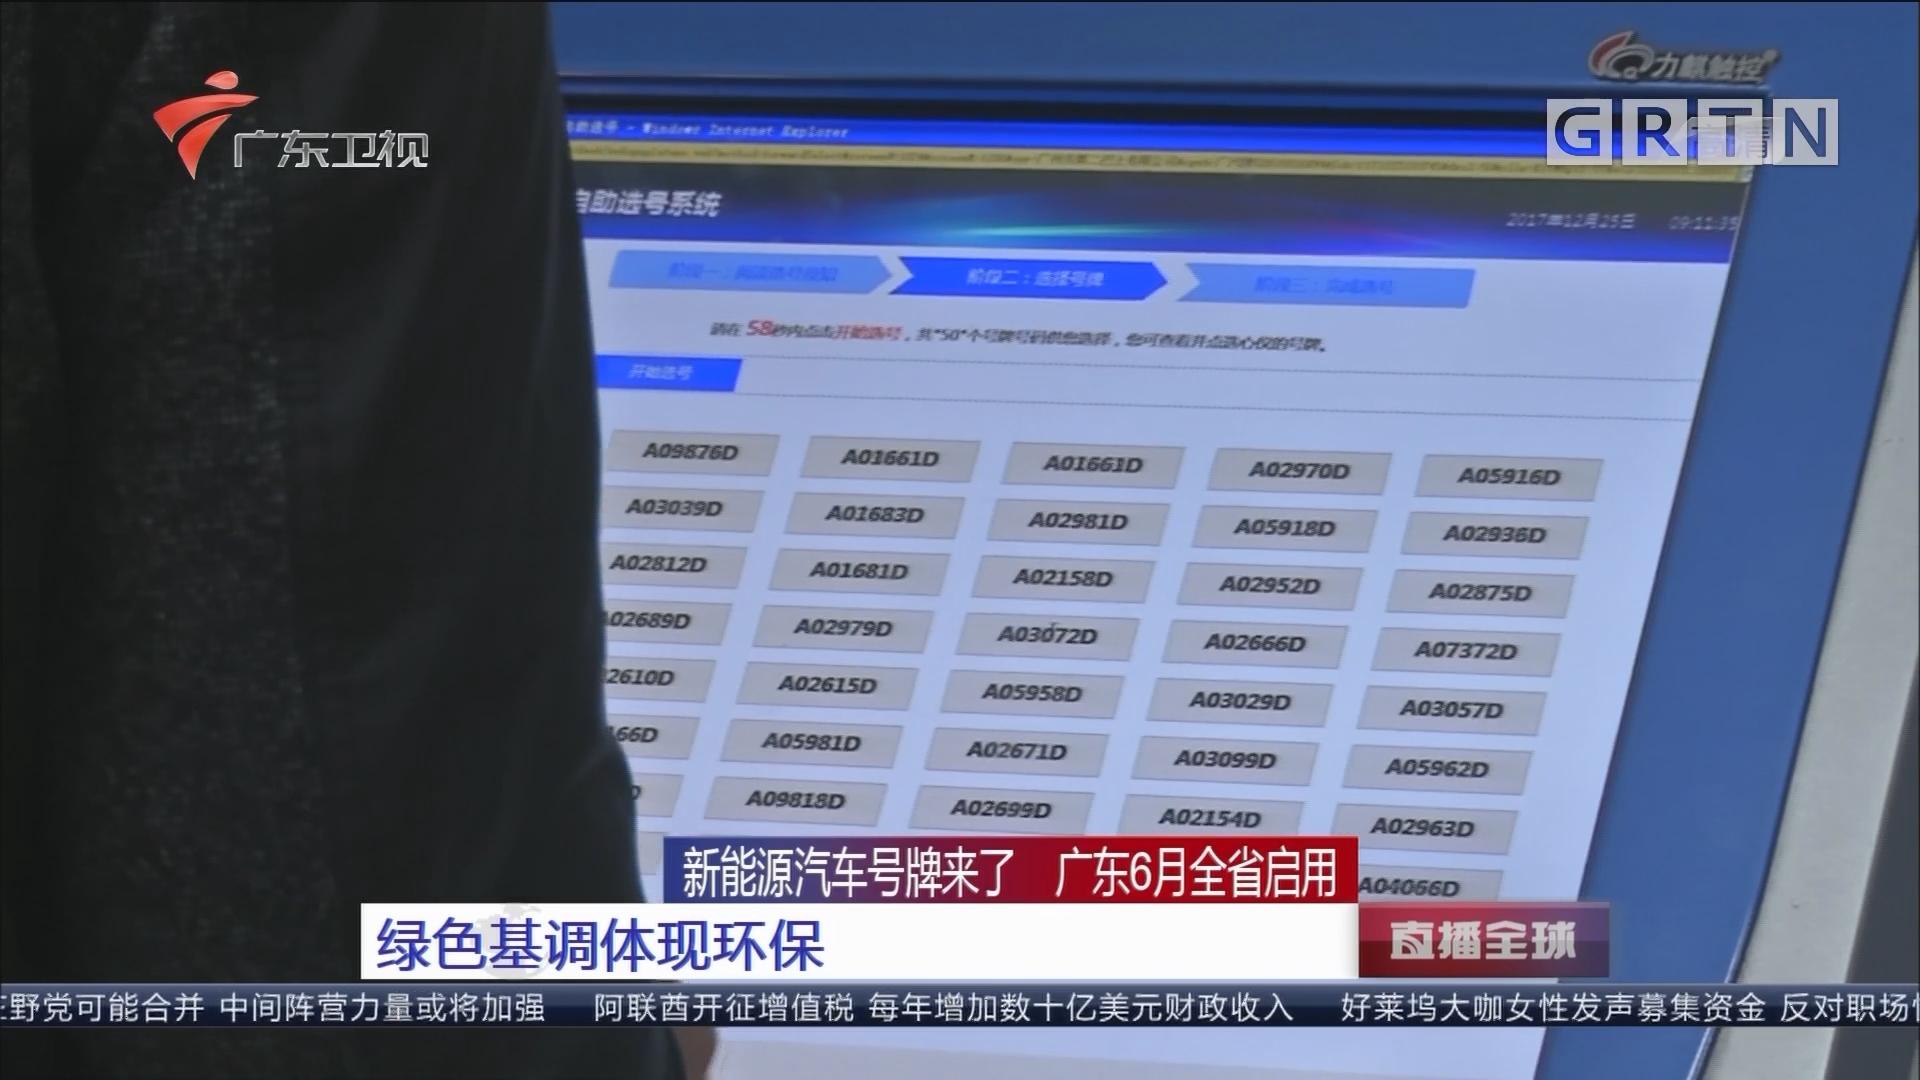 新能源汽车号牌来了 广东6月全省启用:绿色基调体现环保